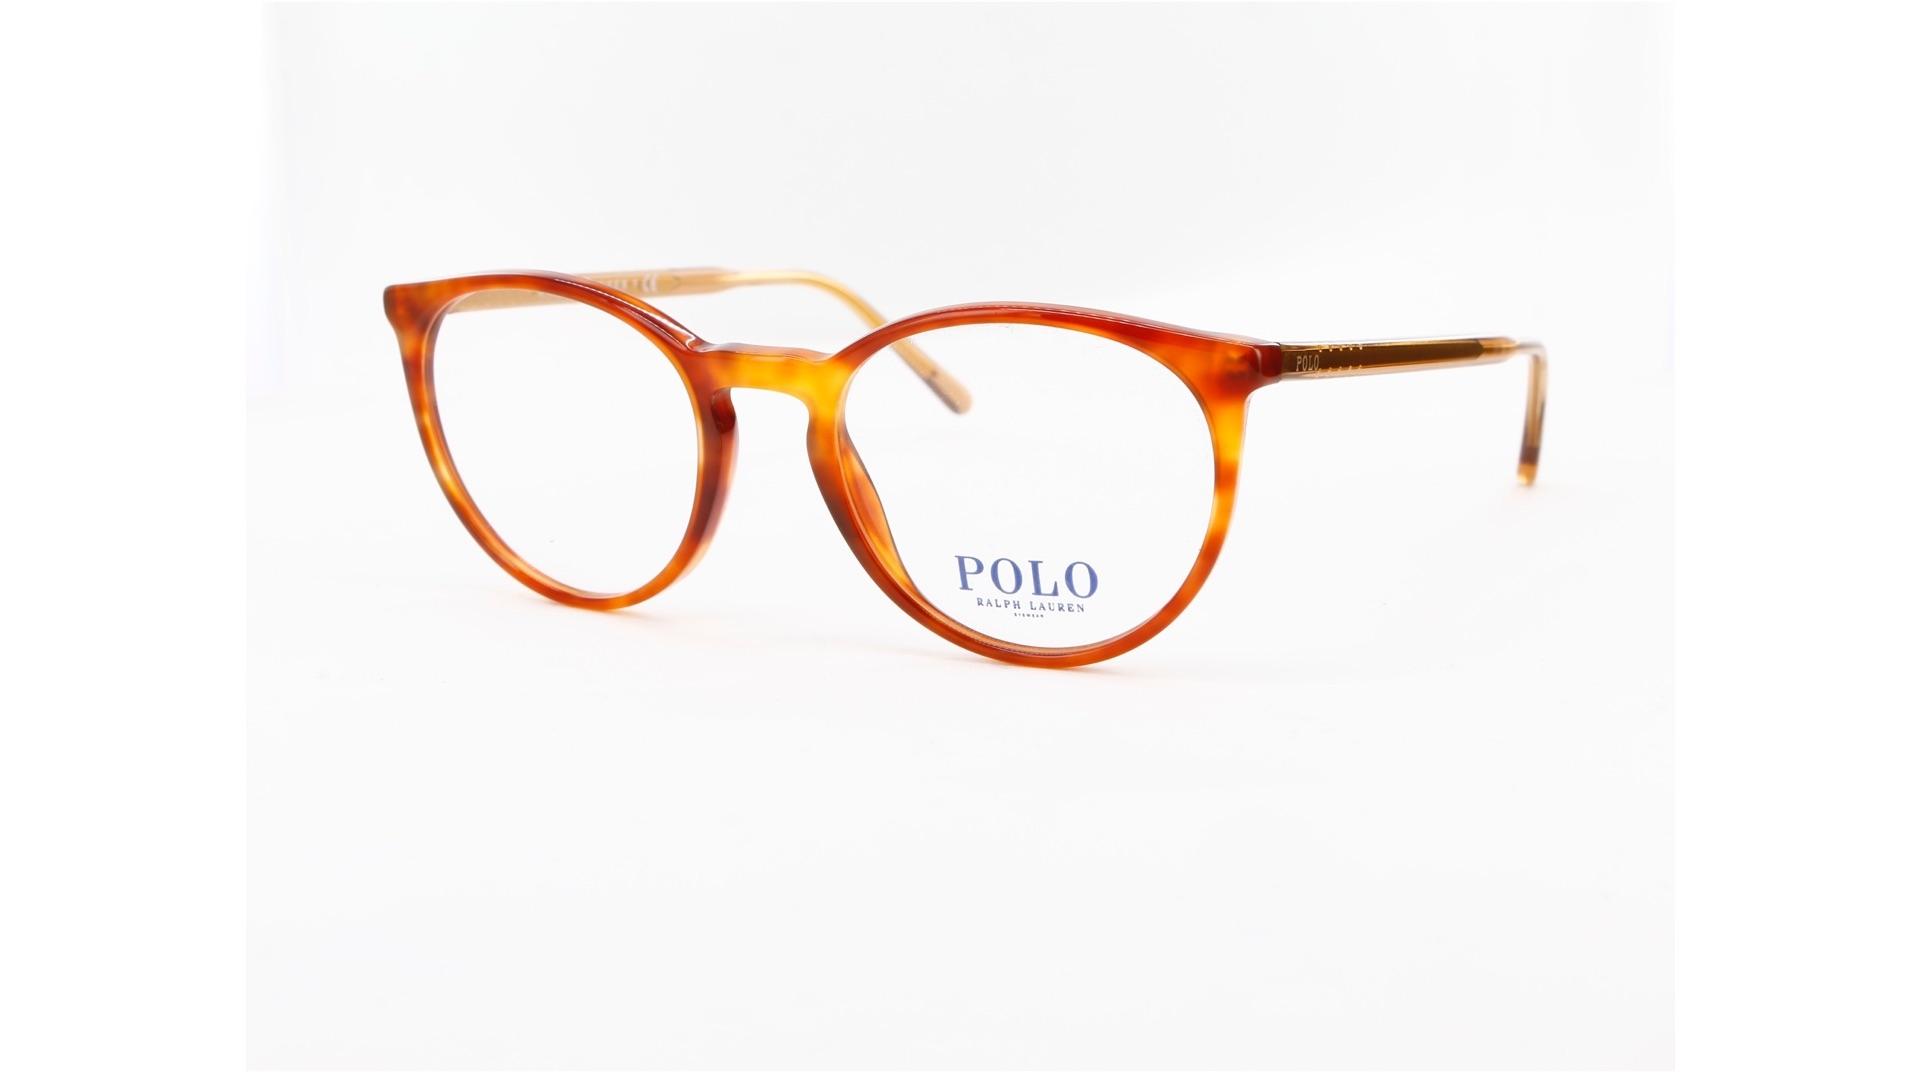 Polo Ralph Lauren - ref: 80762